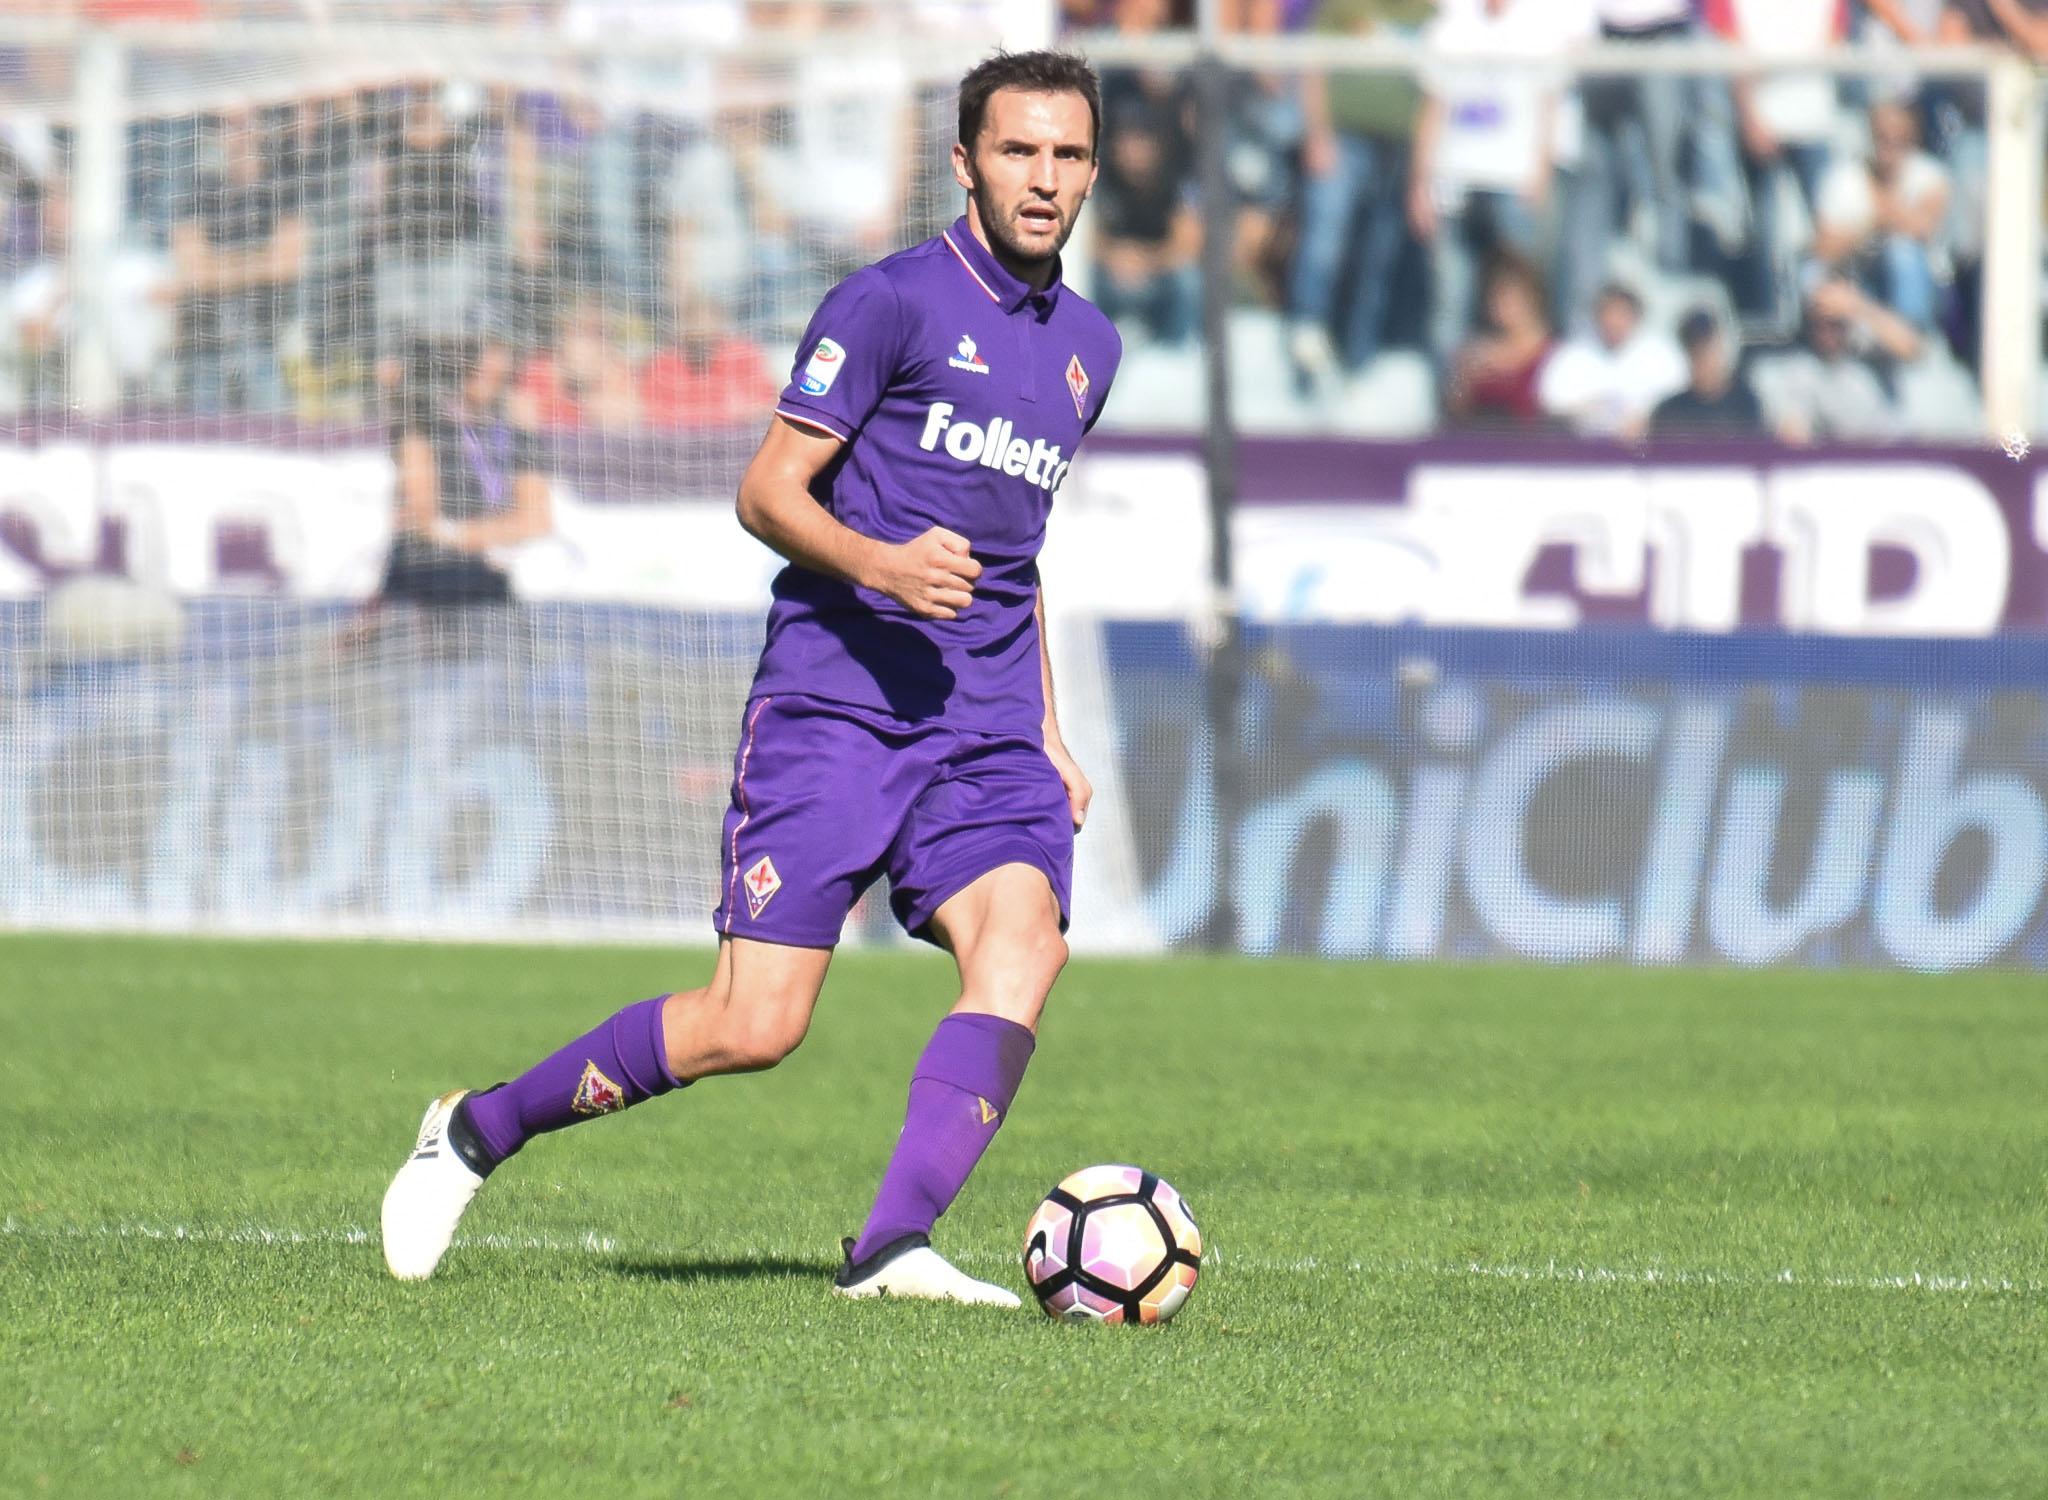 """Milan Badelj: """"A tifosi chiediamo pazienza purtroppo. Il mio rinnovo? Vedremo…."""""""